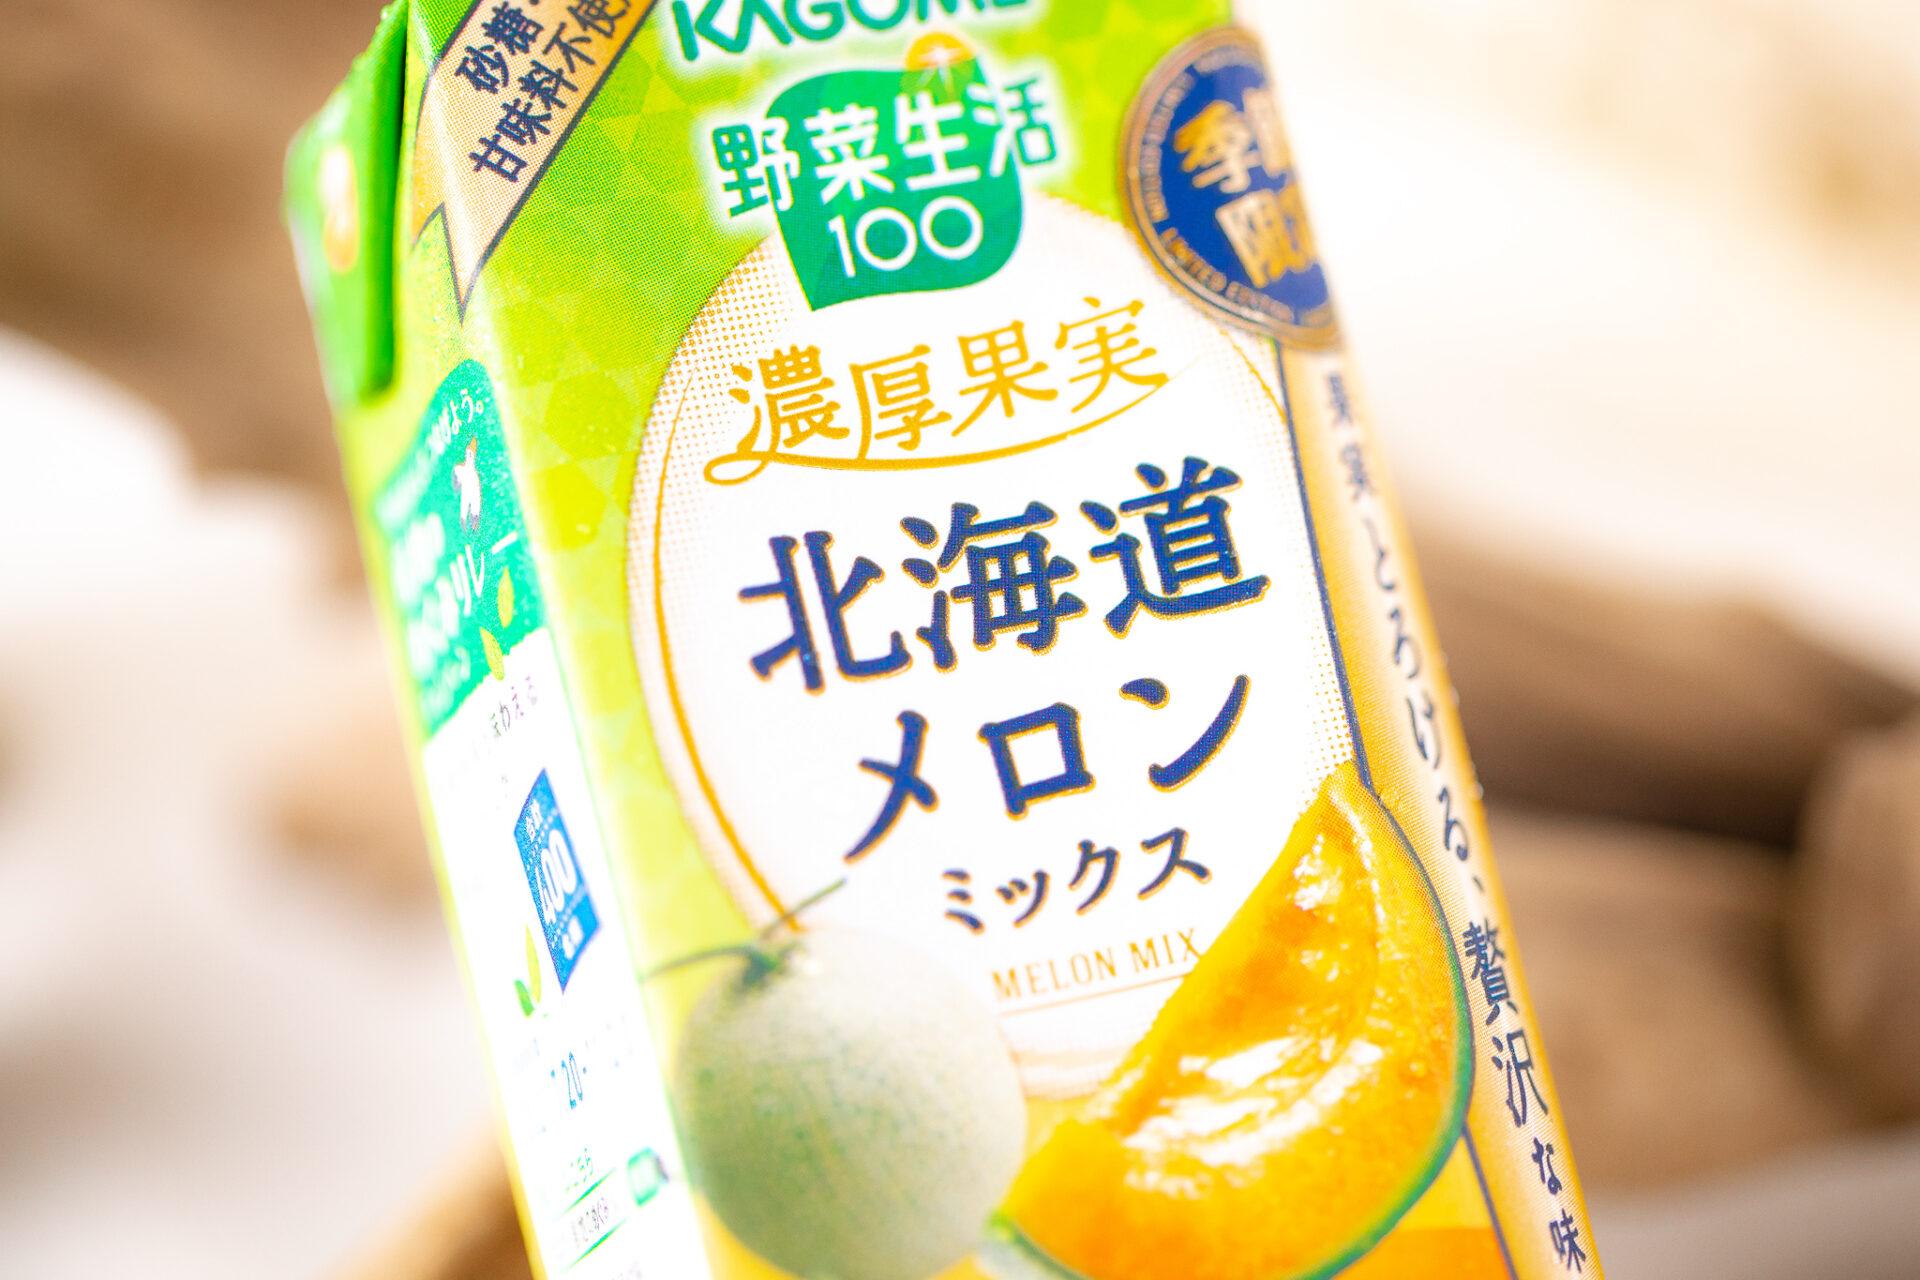 カゴメ『野菜生活100 濃厚果実 北海道メロンミックス』